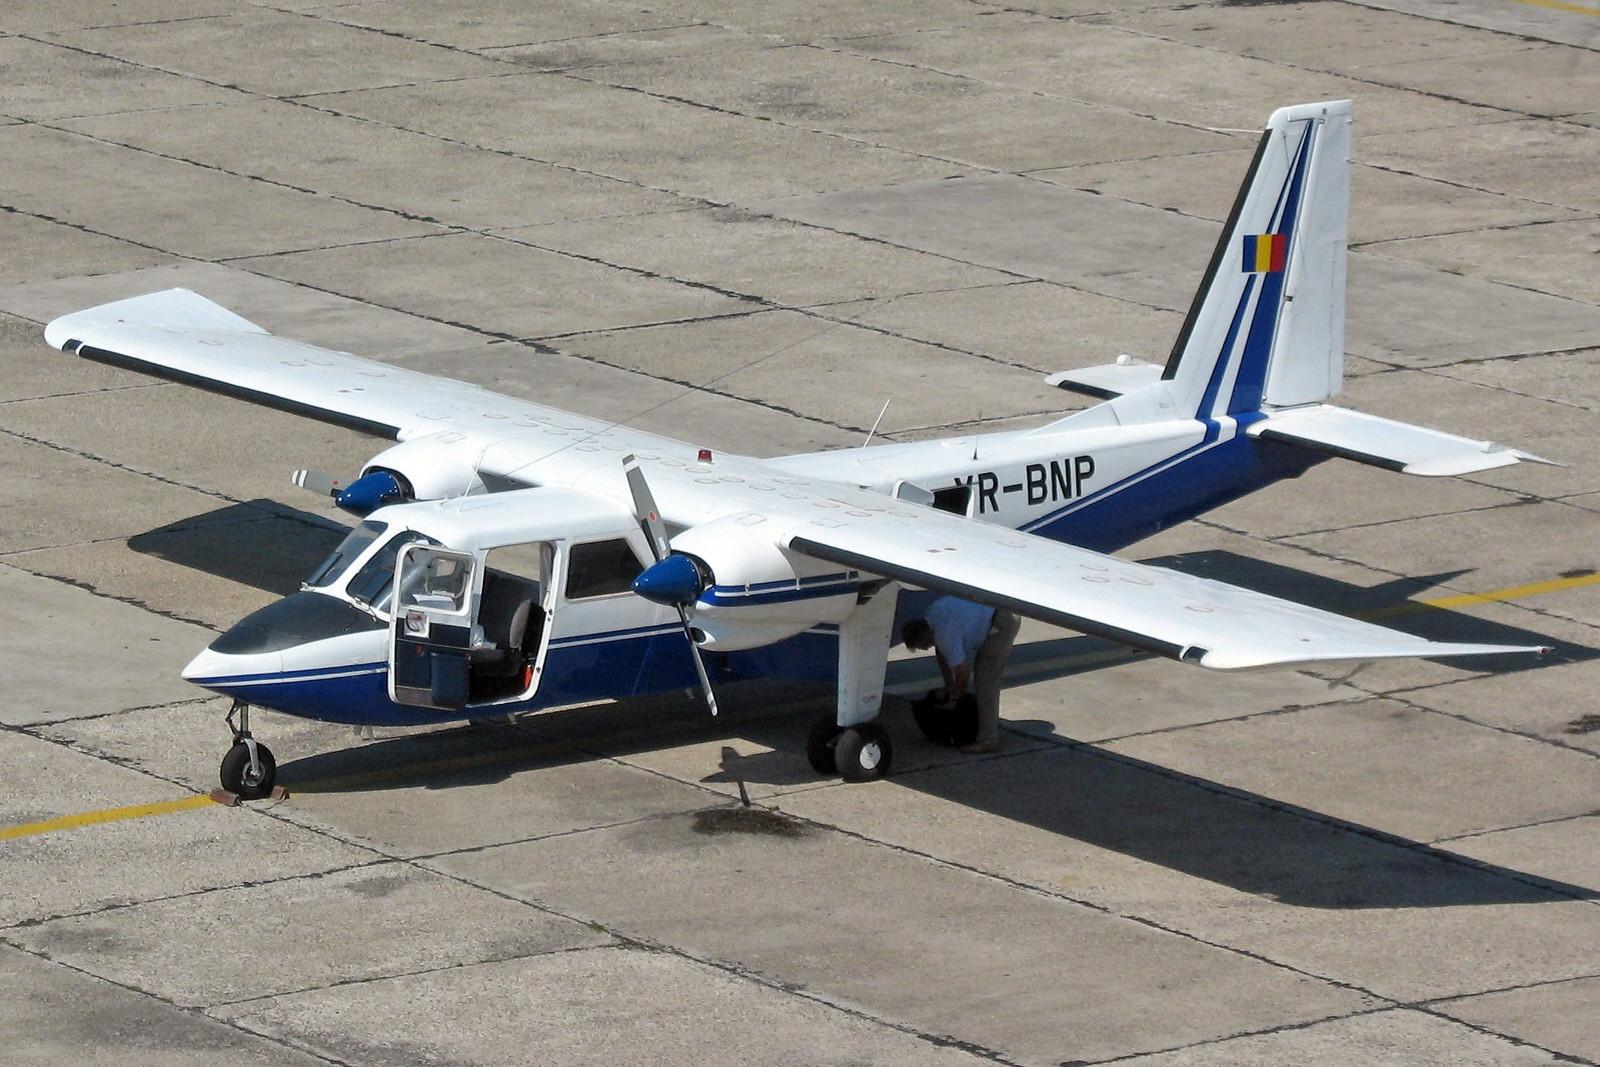 YR BNP Britten-Norman BN-2 Islander